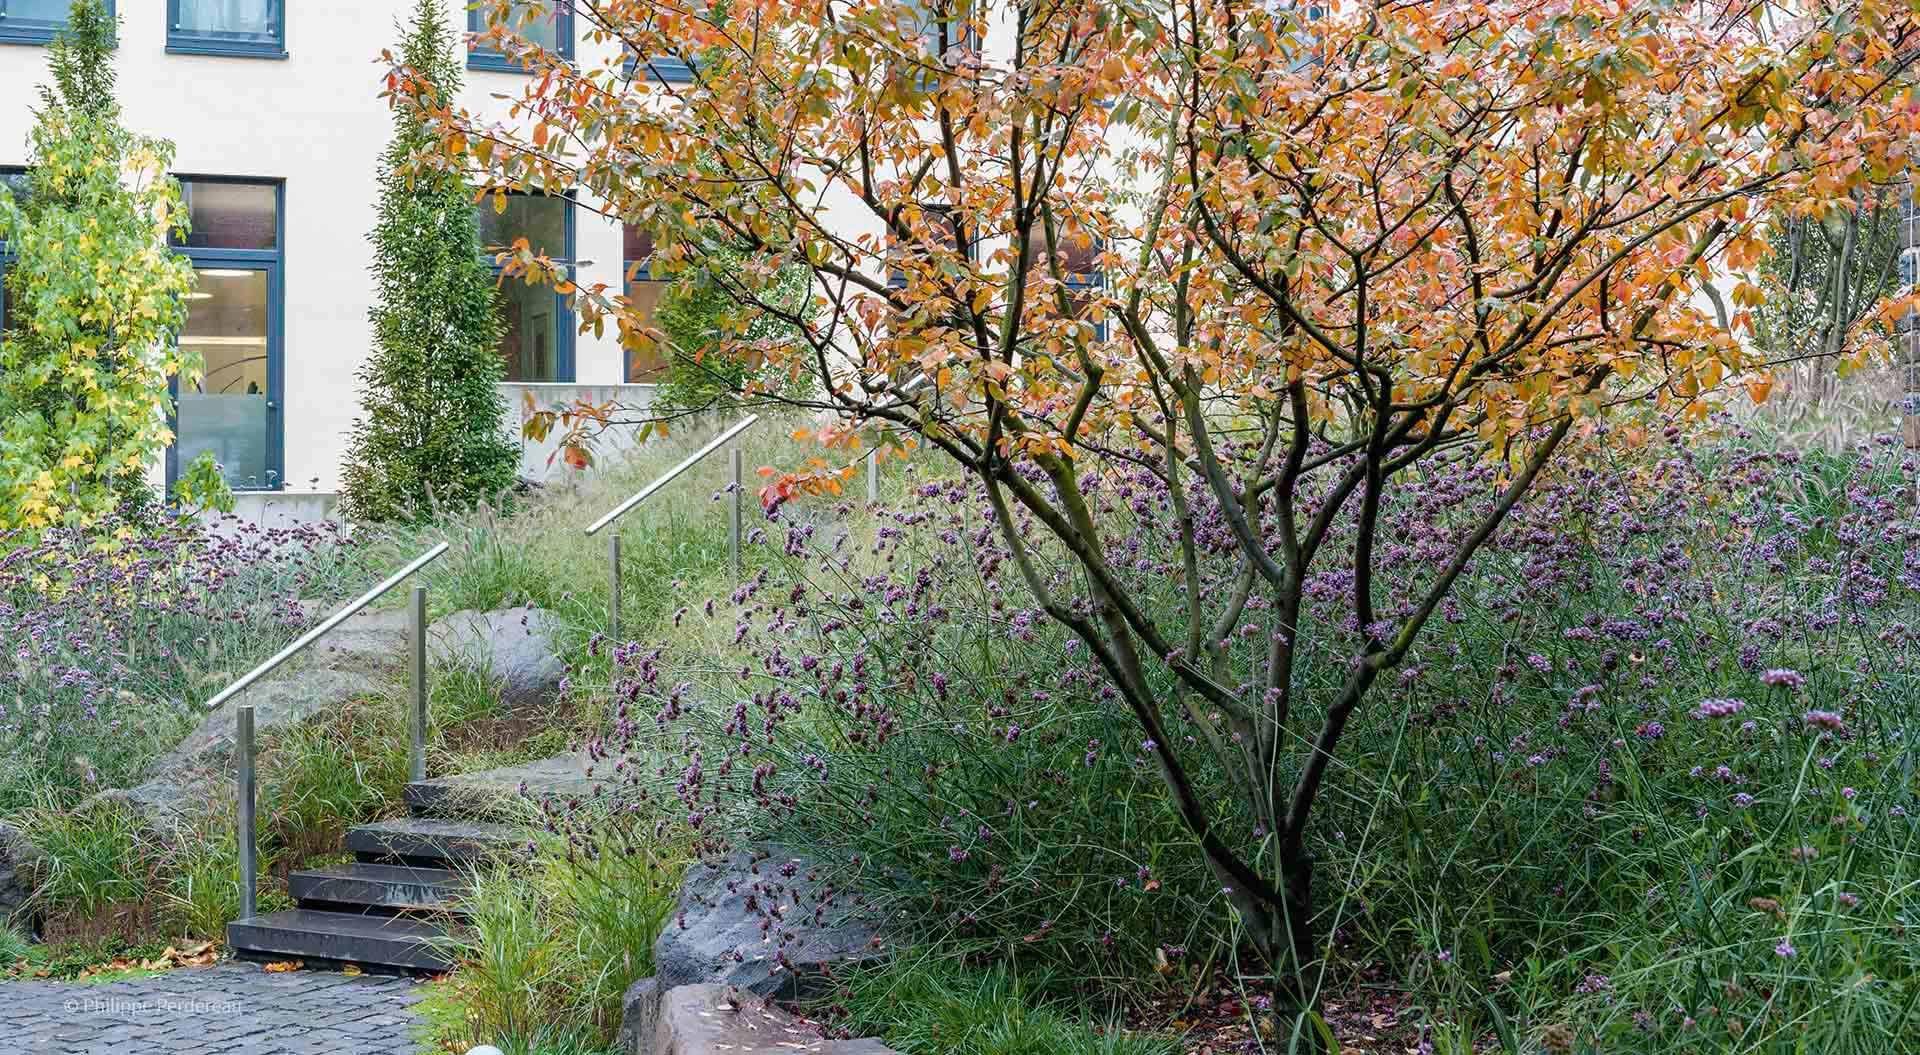 Treppe in Garten hinter Pflanzen